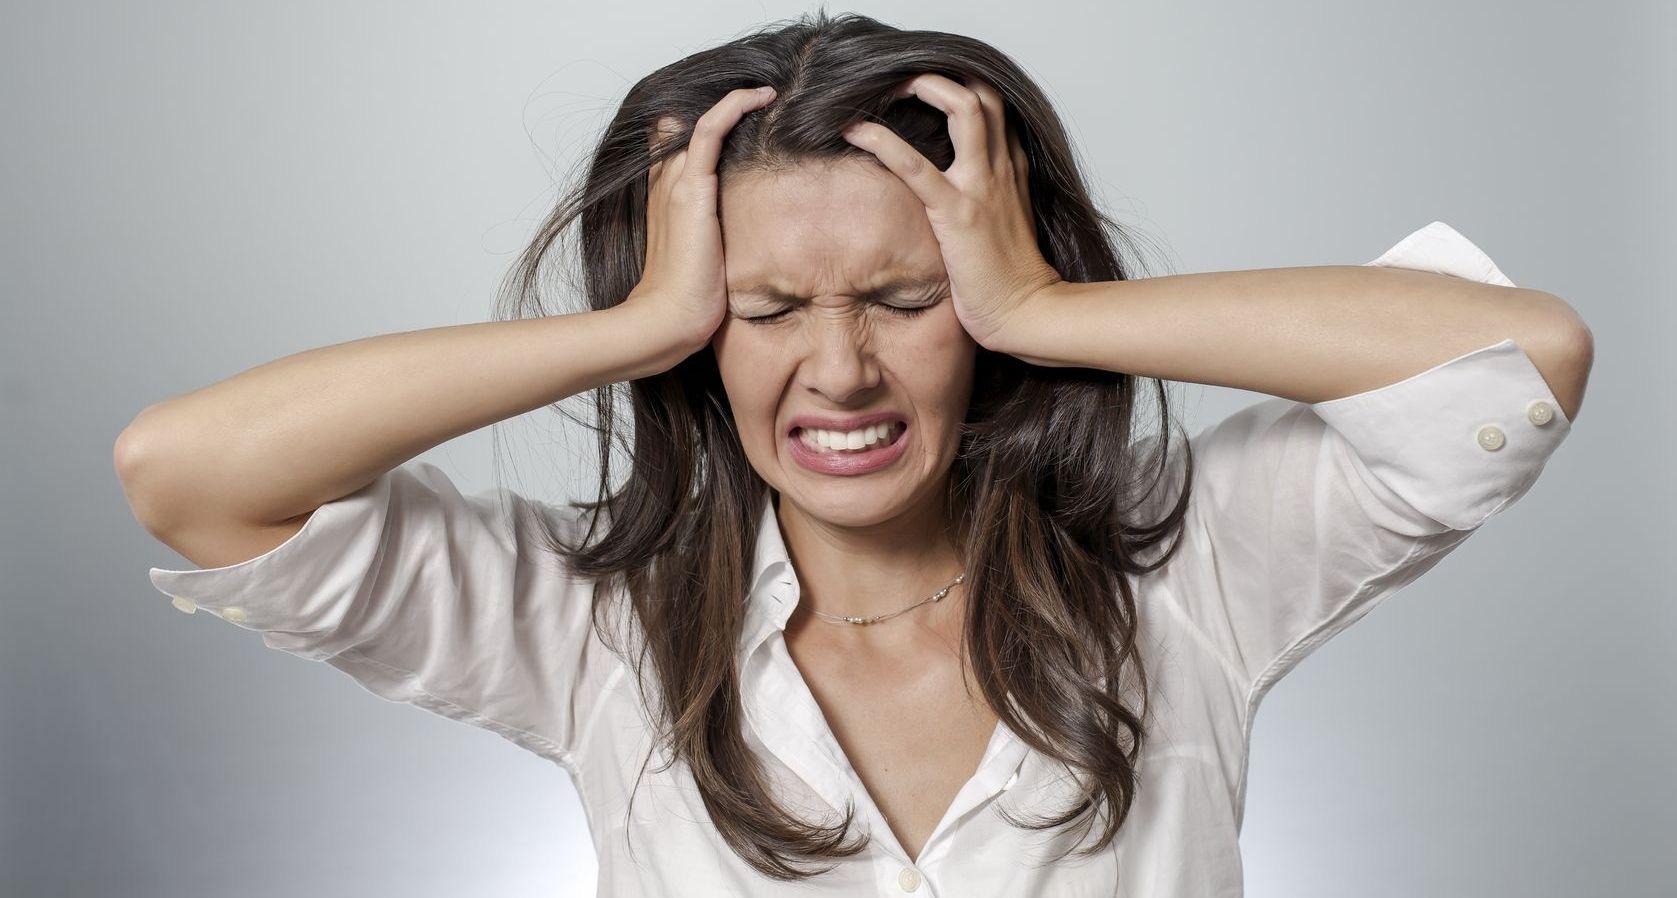 Невроз желудка симптомы и лечение + 10 ценных советов